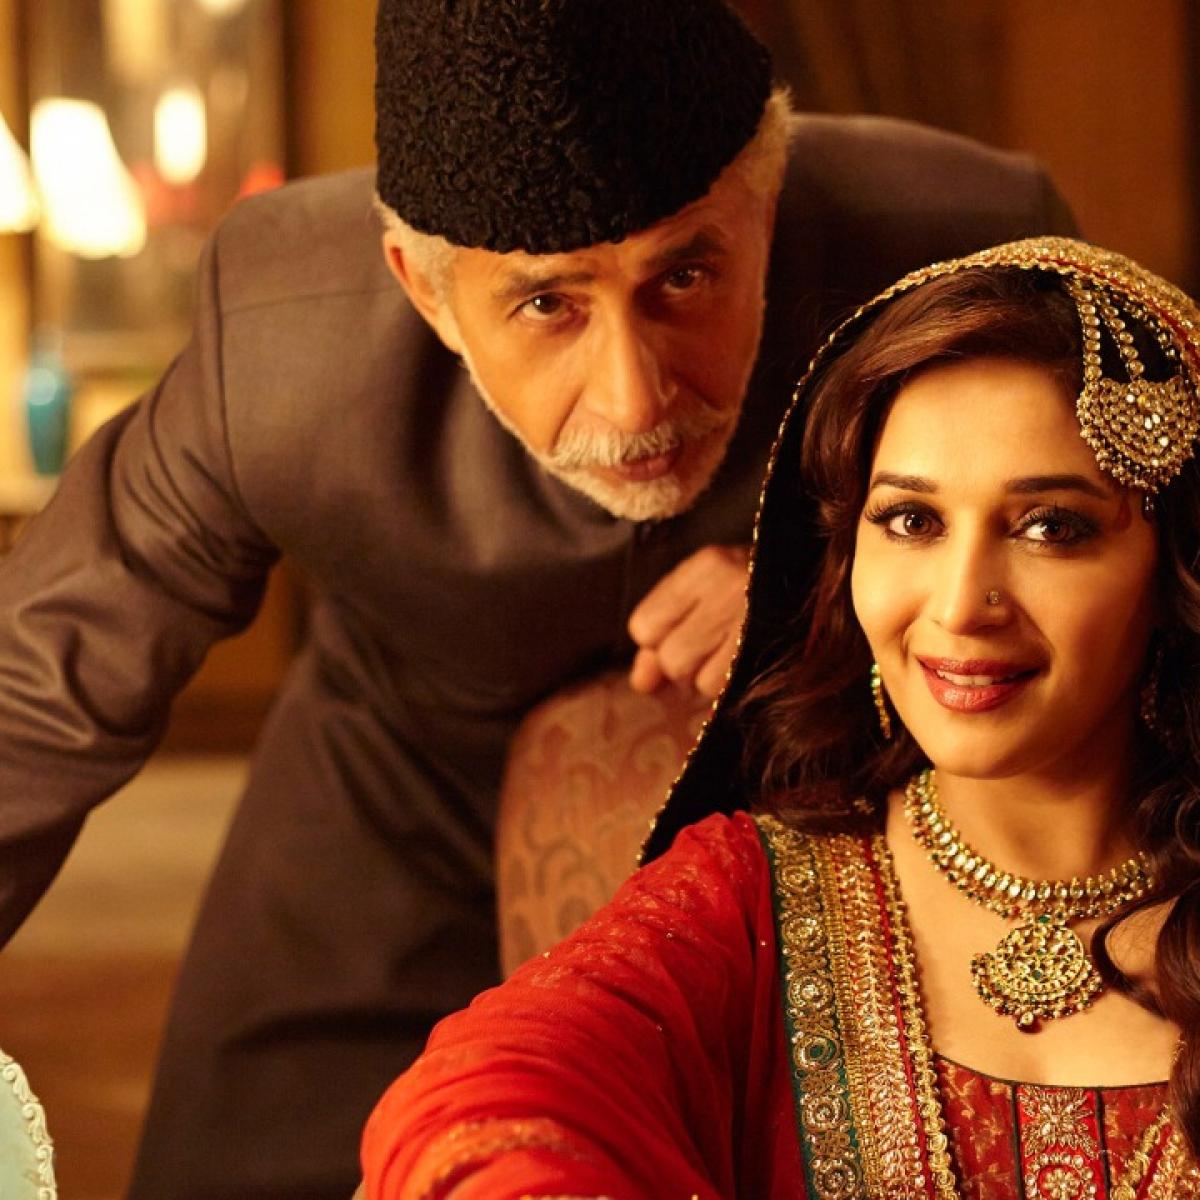 5 heart-winning Naseeruddin Shah titles to watch on his birthday before binge-watching 'Bandish Bandits'